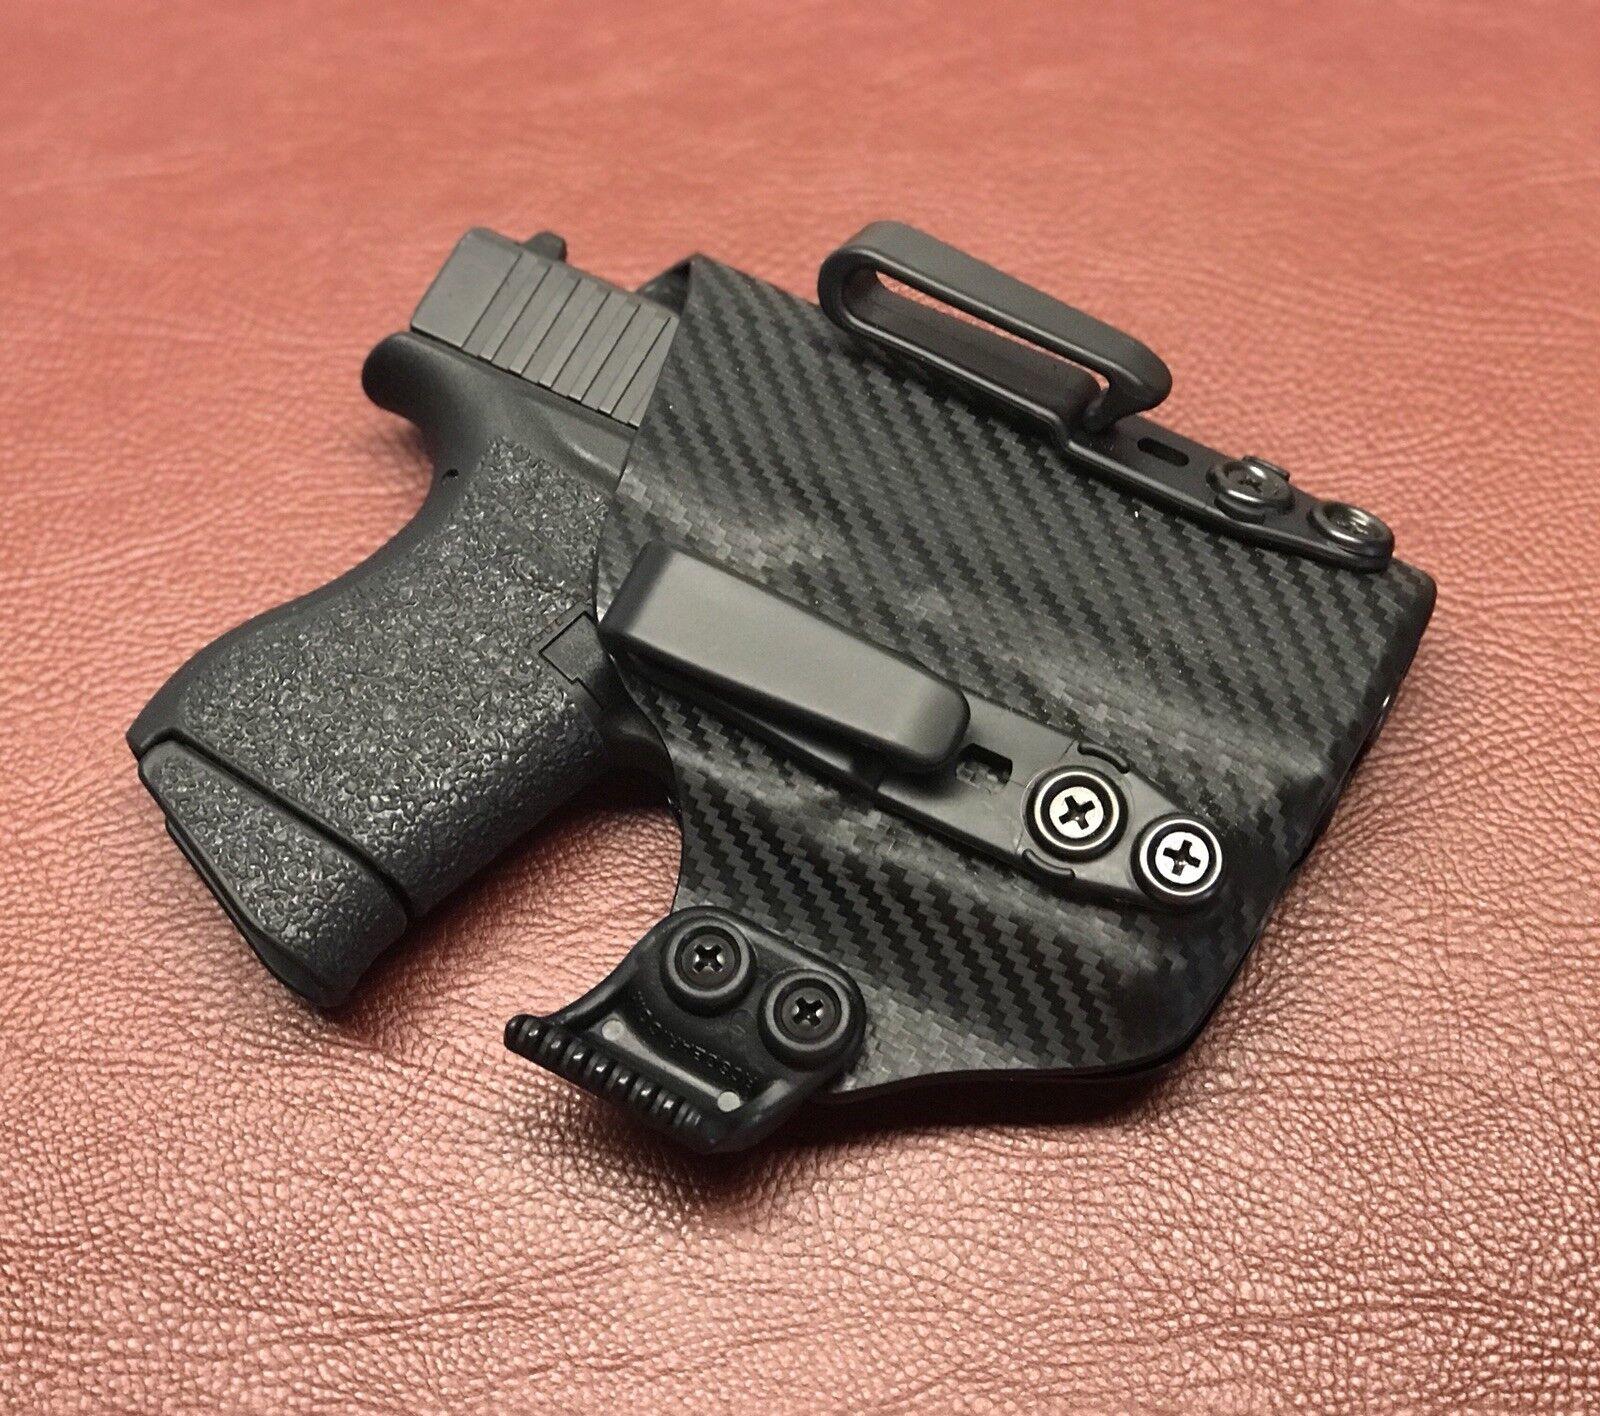 Loco OJOS Fundas Glock G42 Tlr-6 IWB, aiwb KYDEX Funda